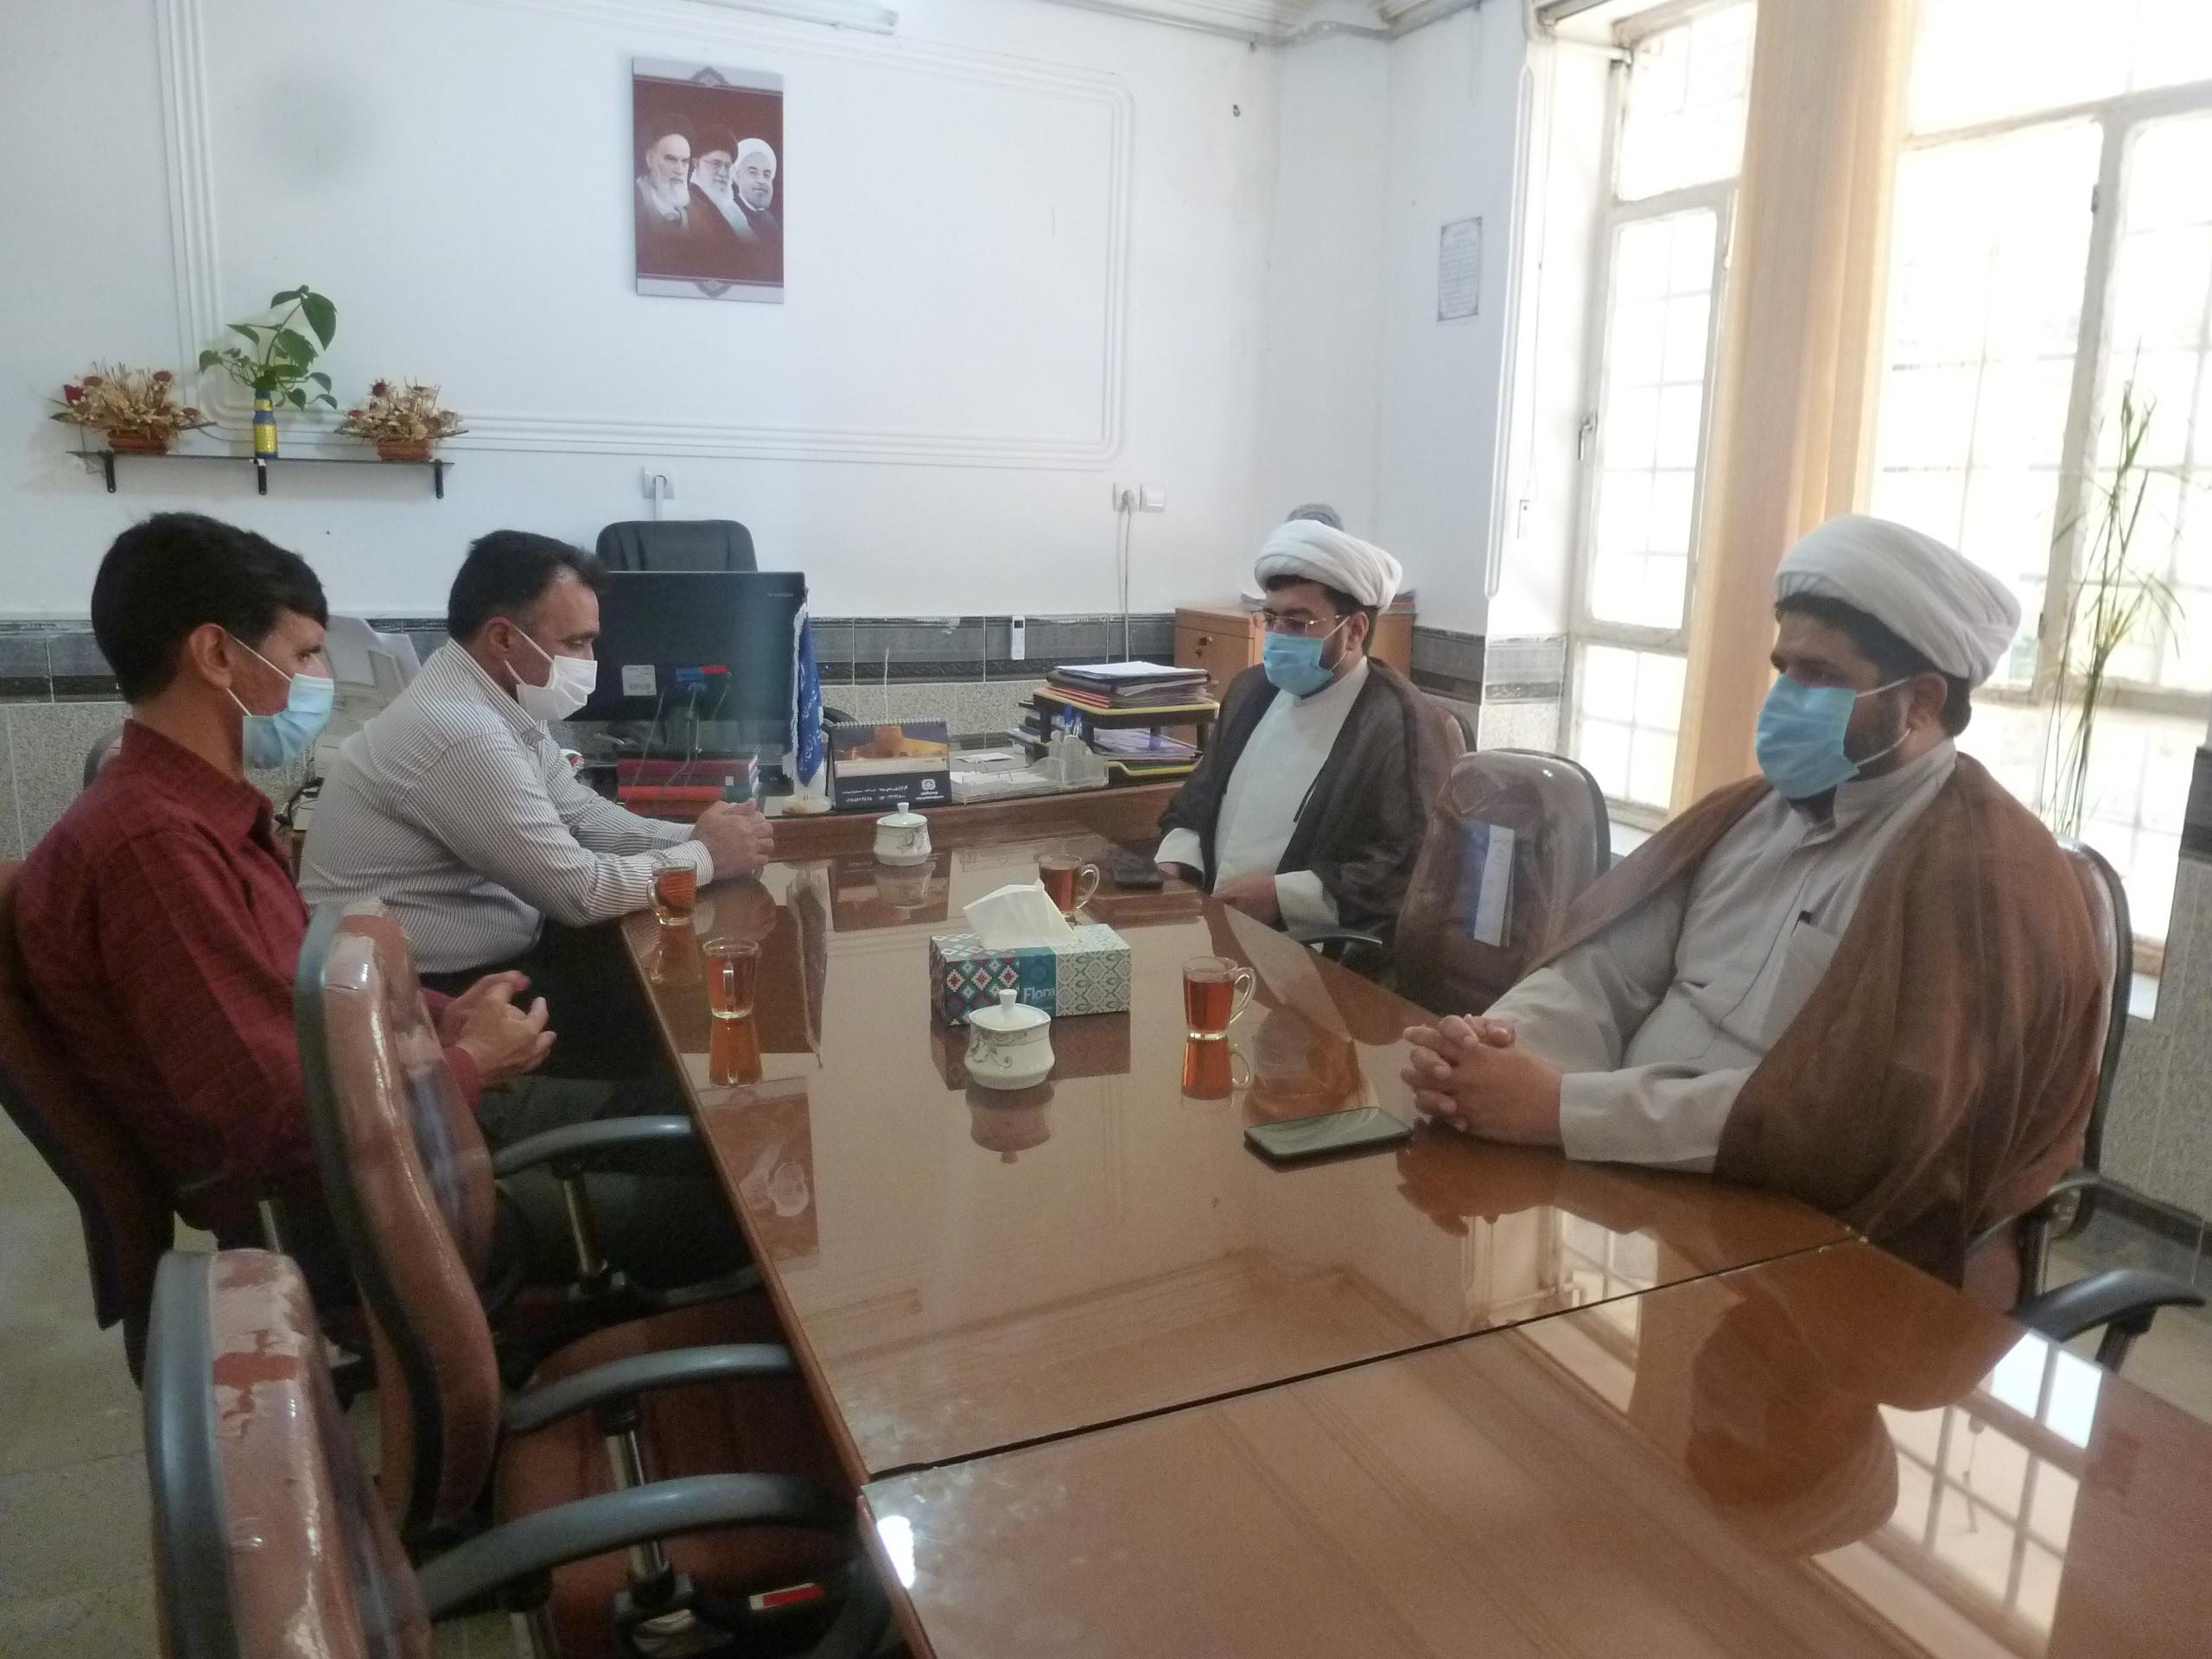 دیدار امام جمعه اسدیه و جمعی از مدیران واحدهای صنفی درمیان با سرپرست صمت شهرستان به مناسبت روز صنعت و معدن